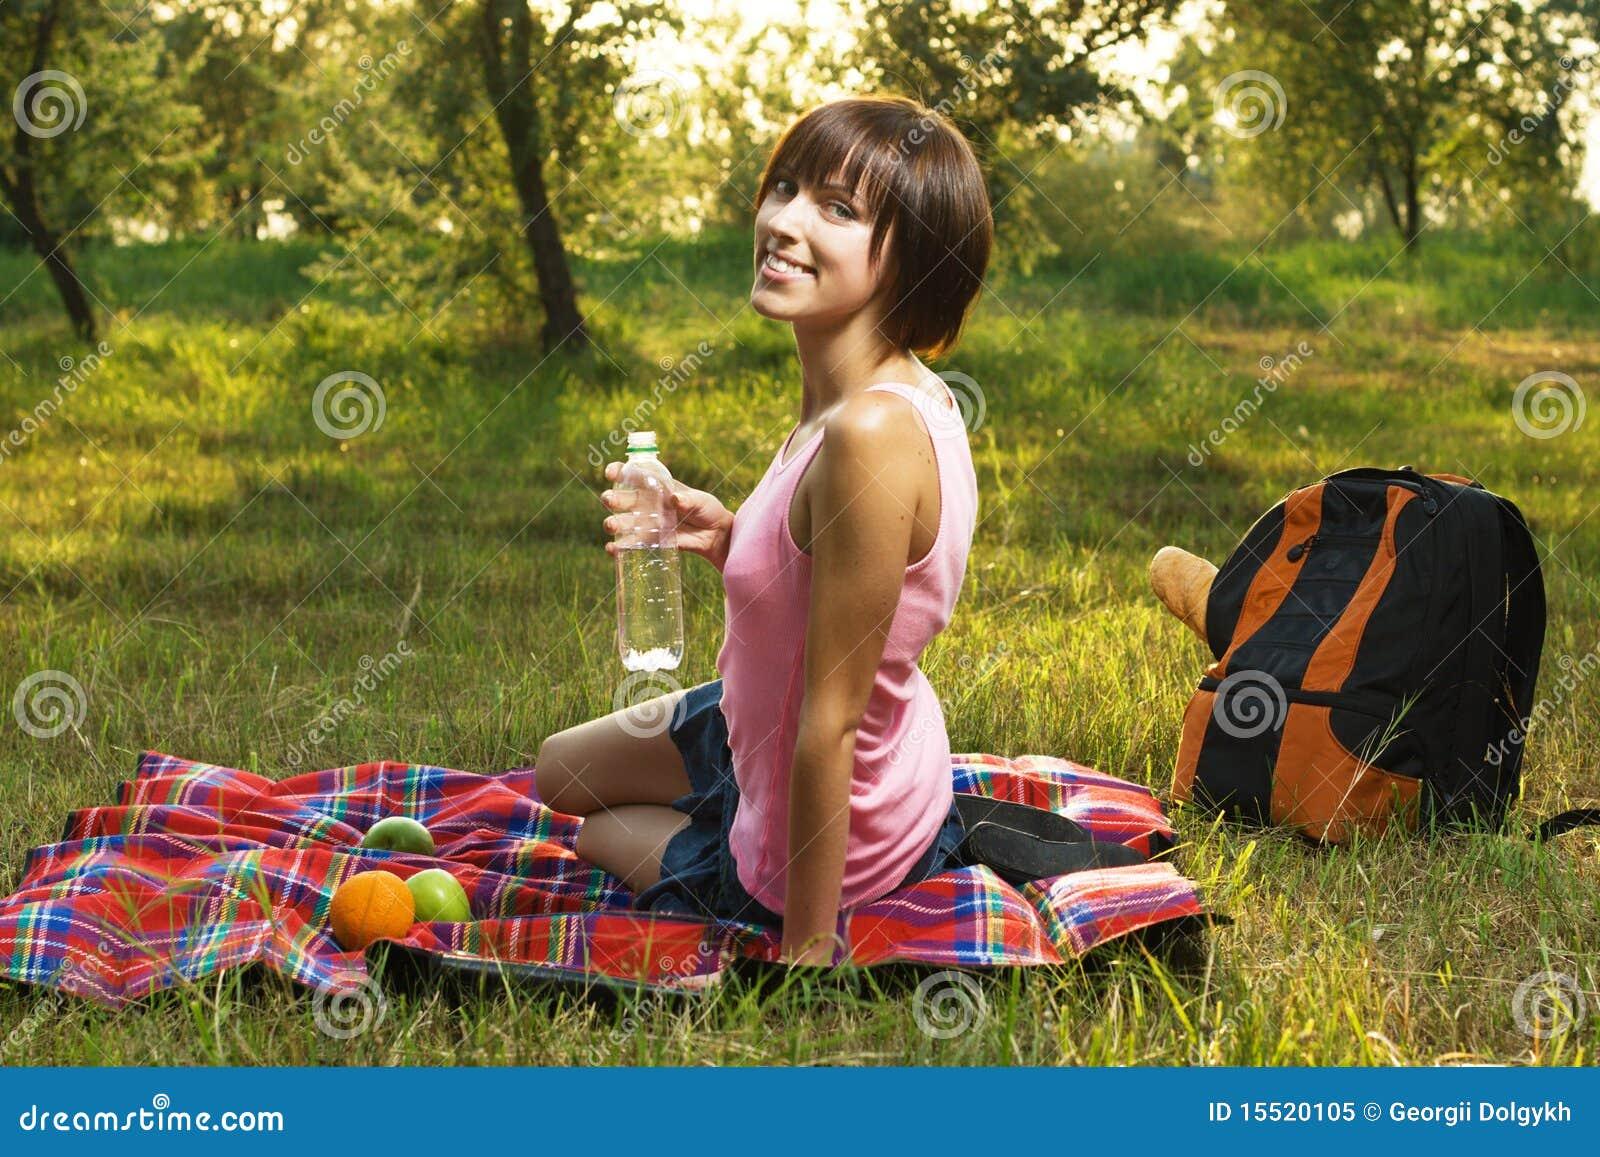 Оргии на пикнике думаю